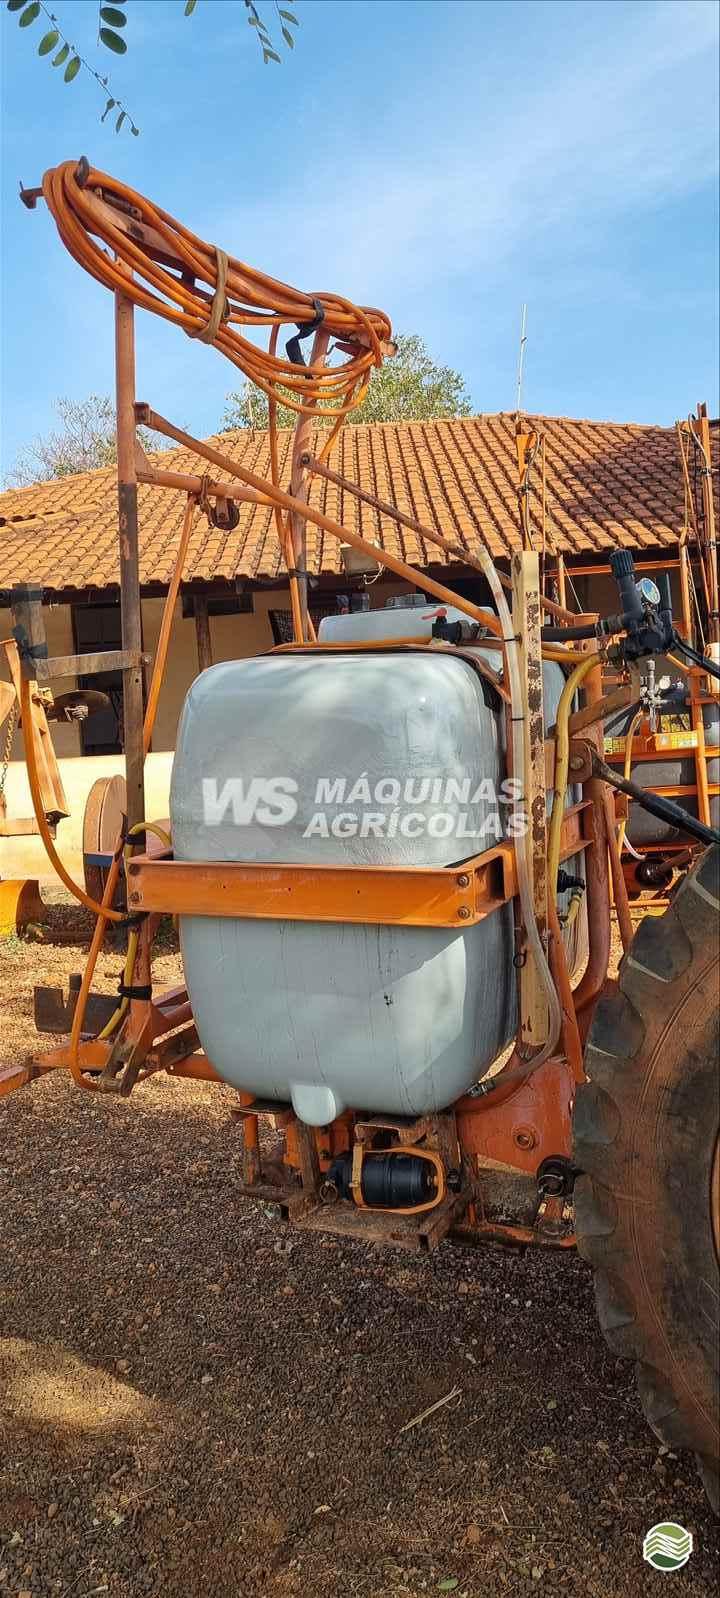 CONDOR 800 AM12 de WS Máquinas Agrícolas - SERTAOZINHO/SP